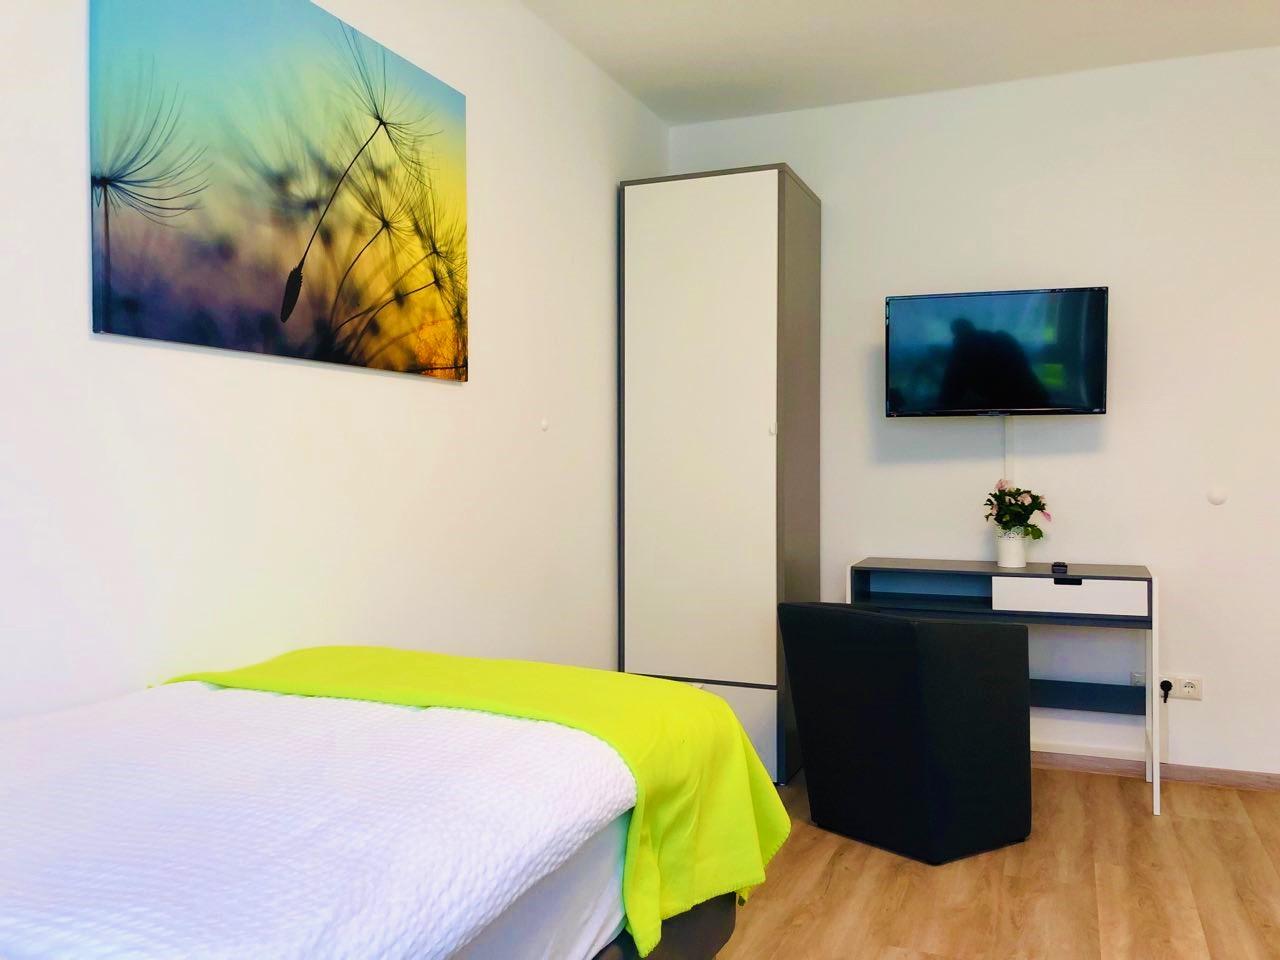 Zimmer 2 – Bett mit Sitzecke